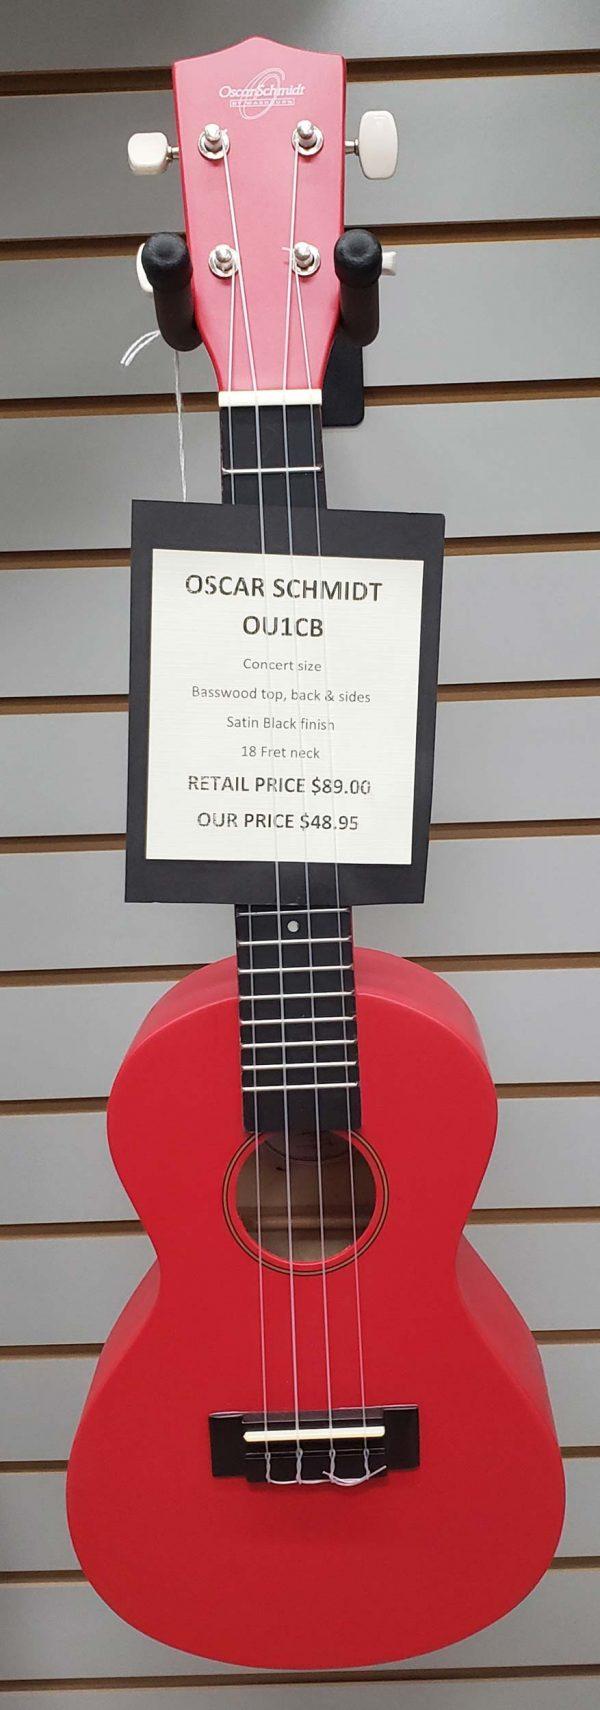 Oscar Schmidt OU1CB Concert Ukulele